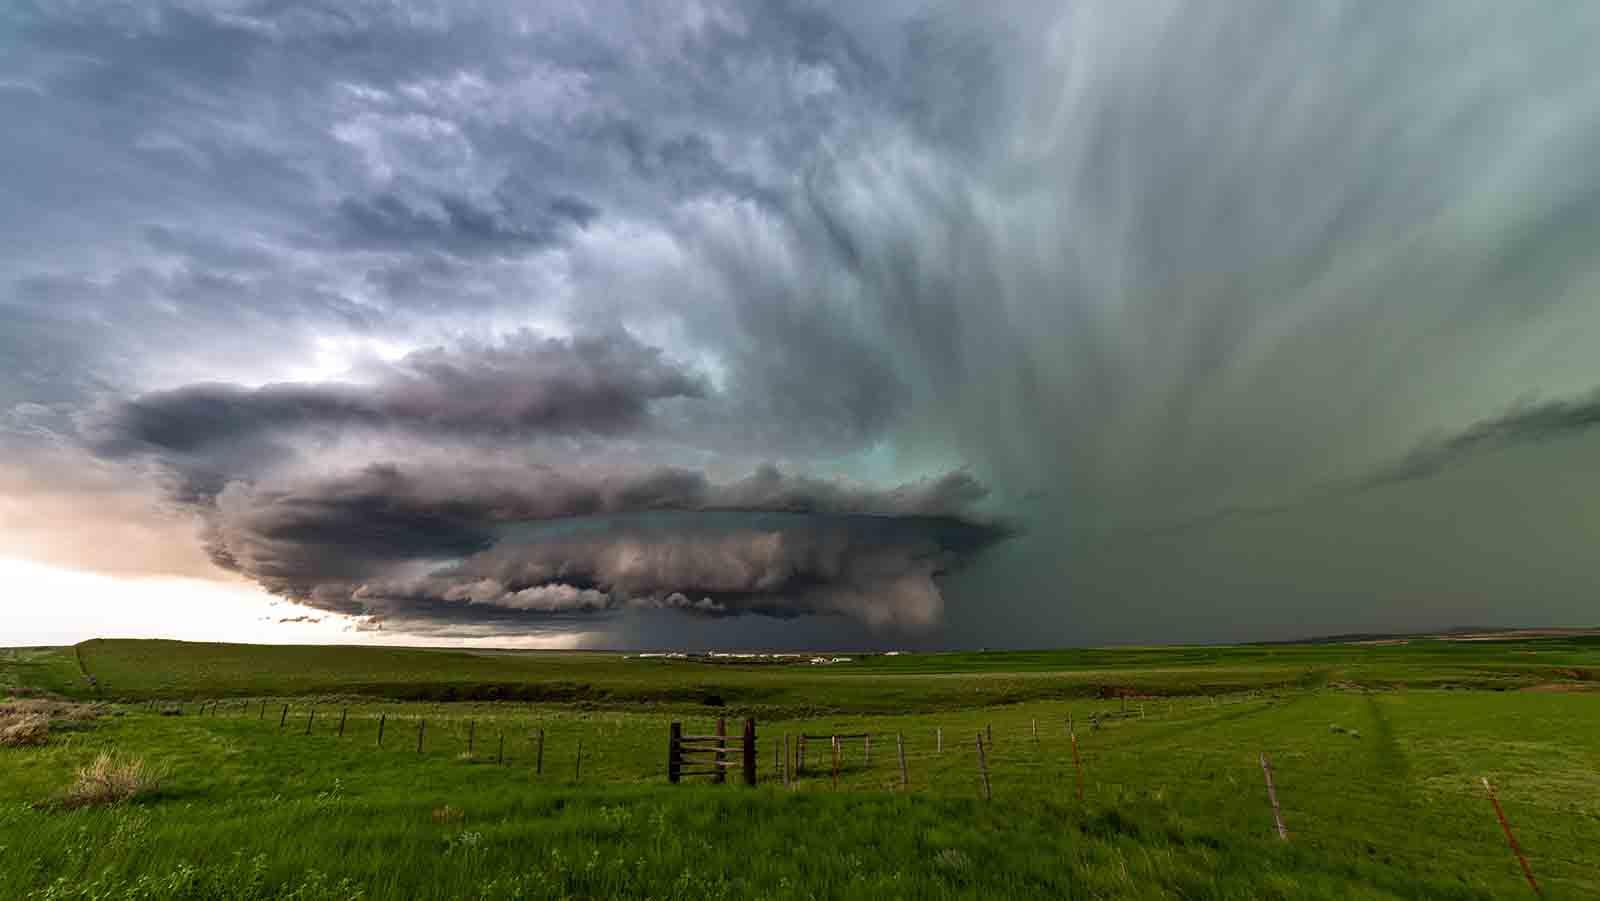 Vom Unwetter überrascht? 4 Verhaltenstipps bei Gewitter können Leben retten